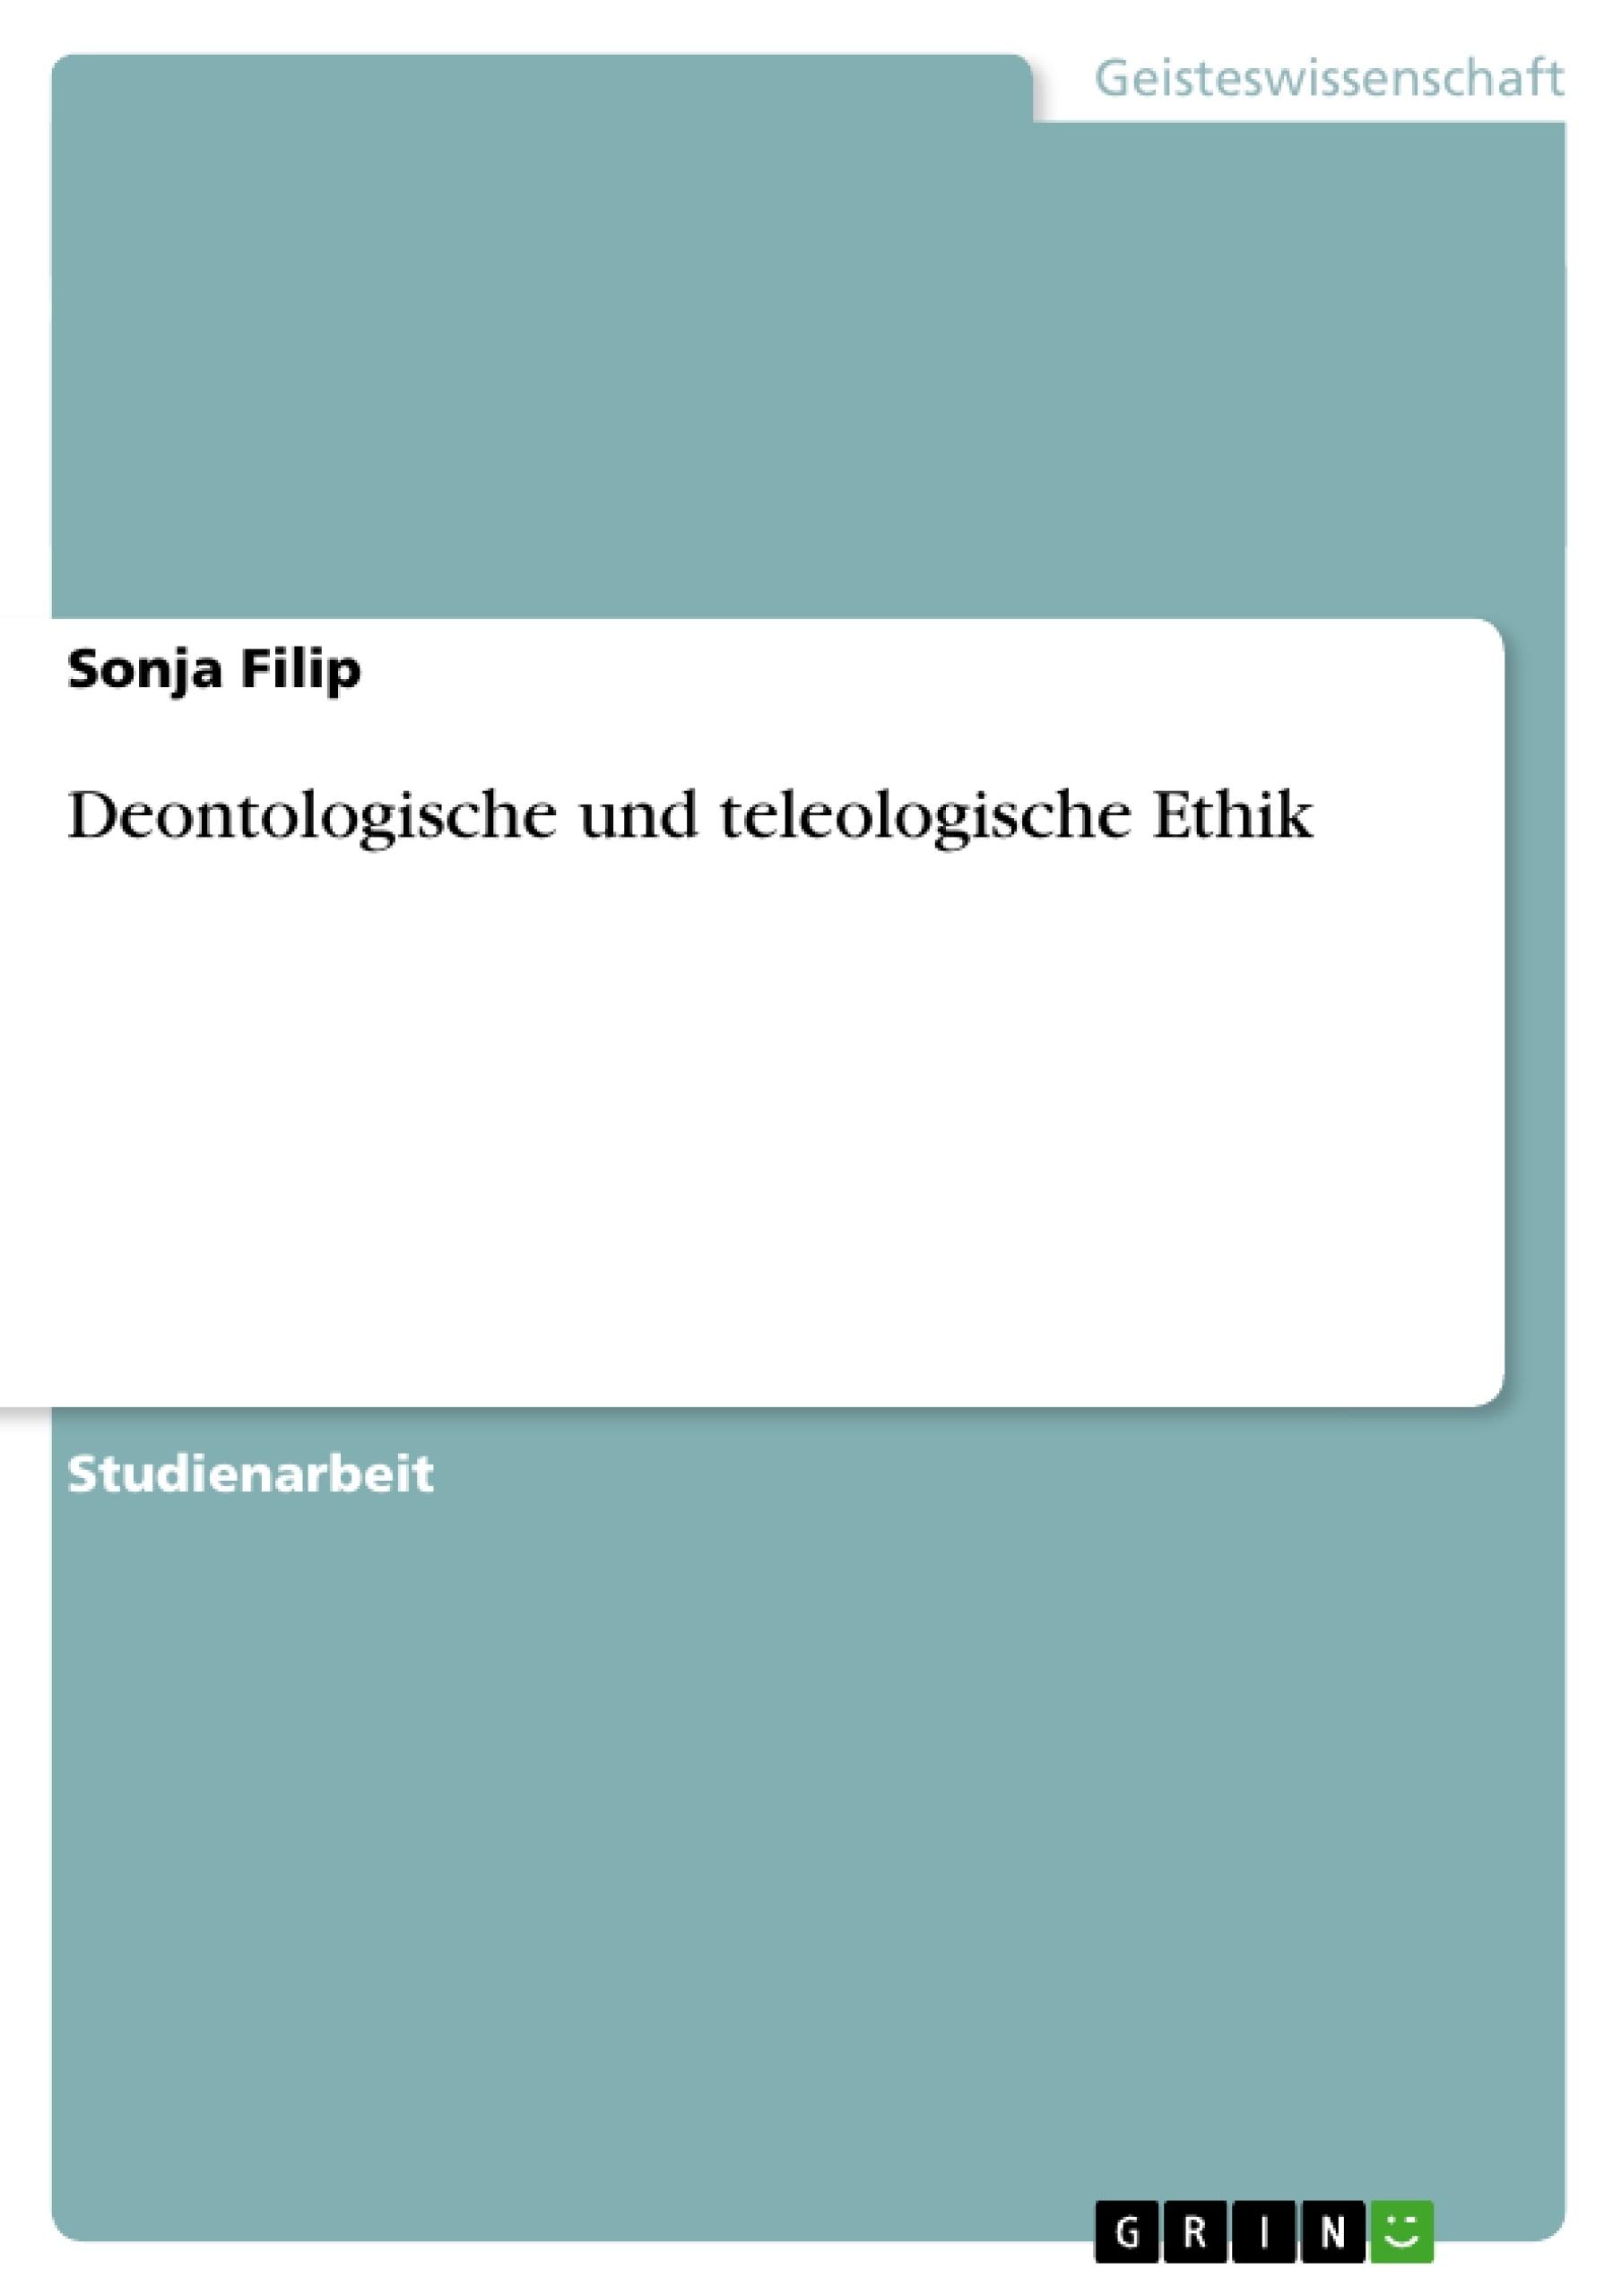 Titel: Deontologische und teleologische Ethik